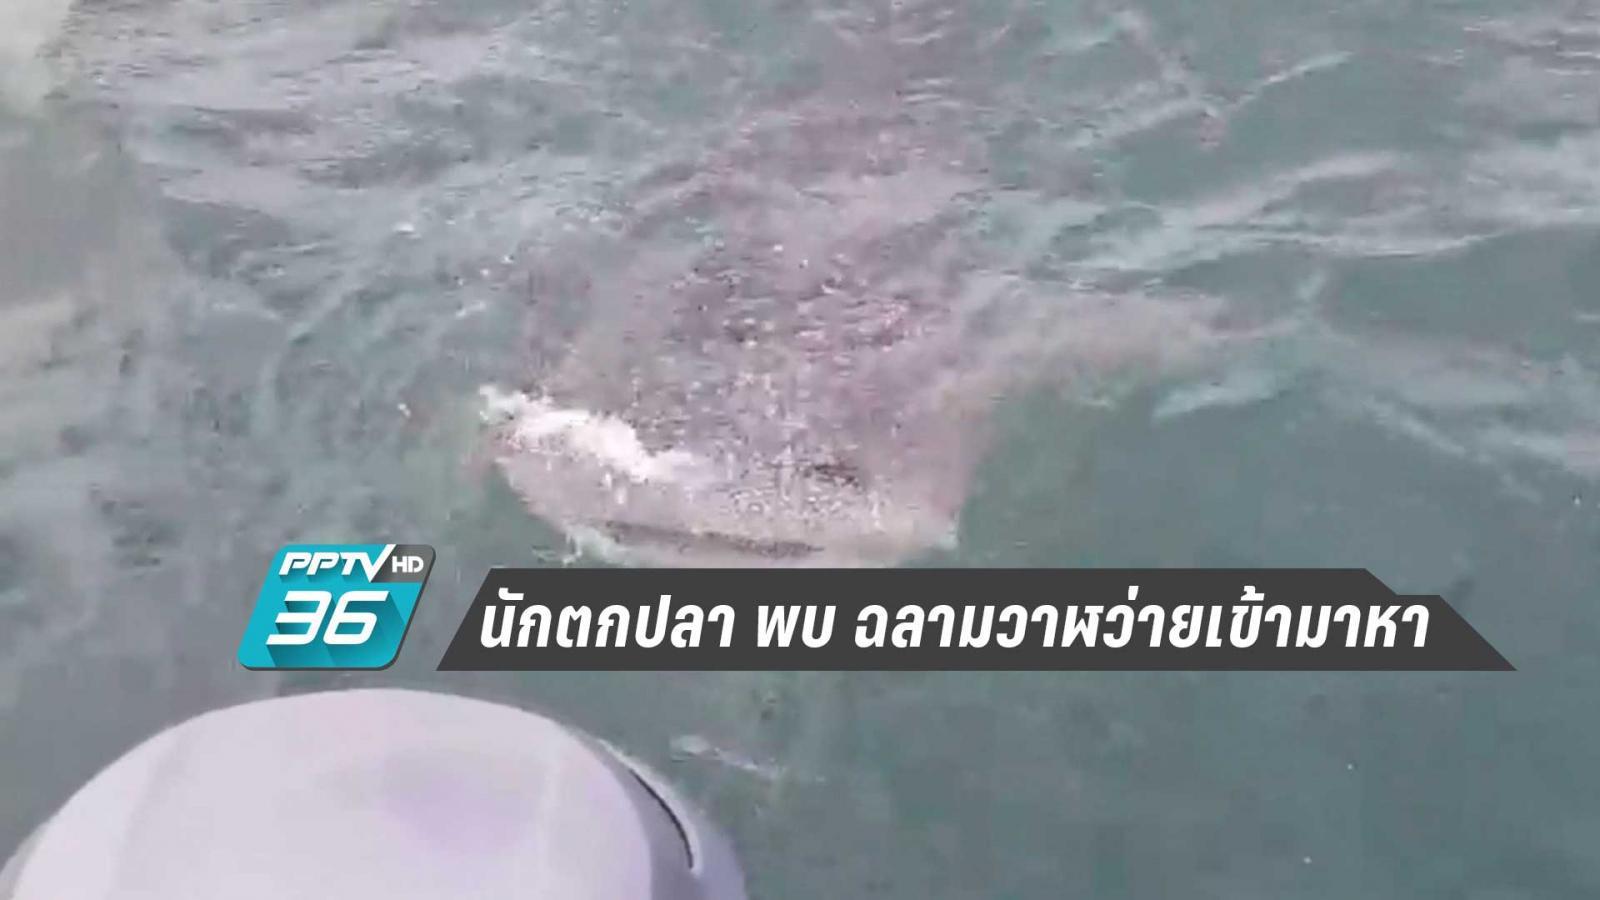 ภาพประทับใจ  นักตกปลา พบ ฉลามวาฬว่ายเข้ามาหา